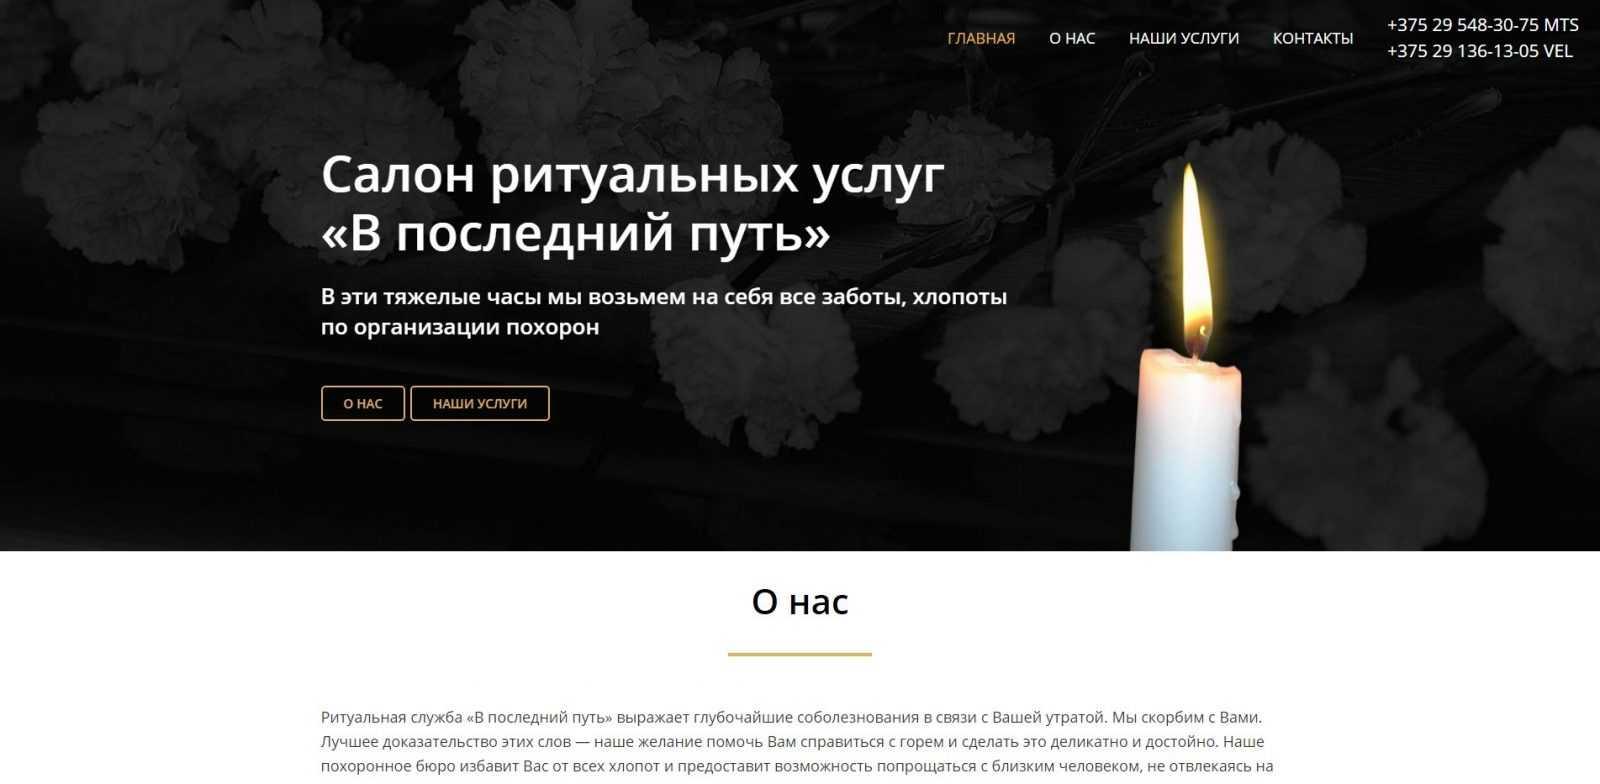 Сайт ритуальных услуг Top-Bit